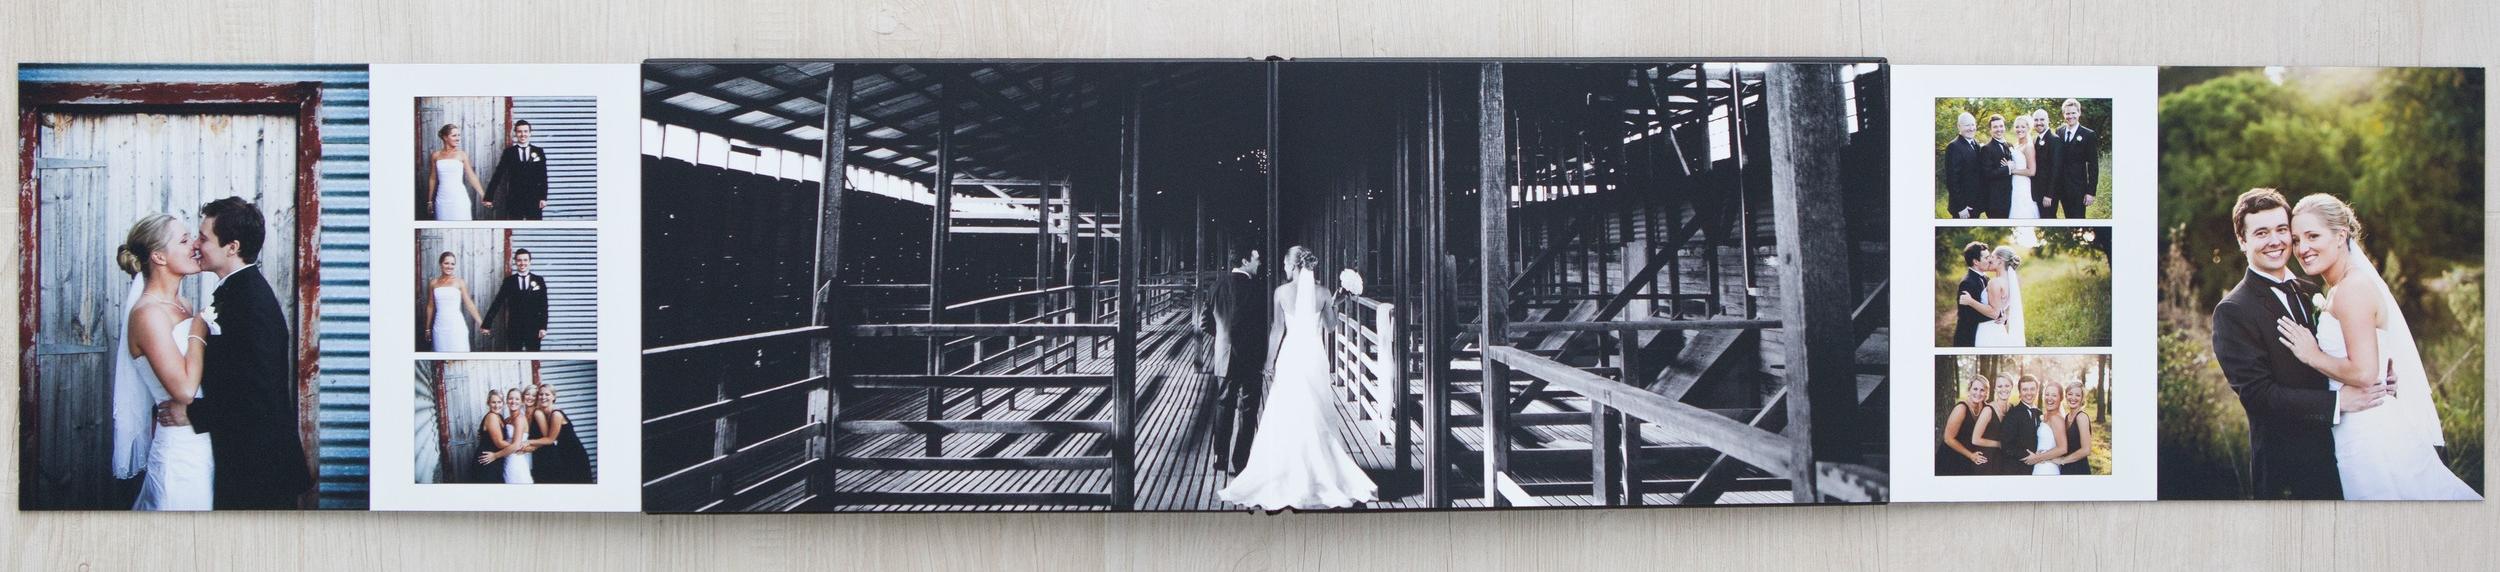 yarralumla-woolshed-wedding-photography-album.jpg